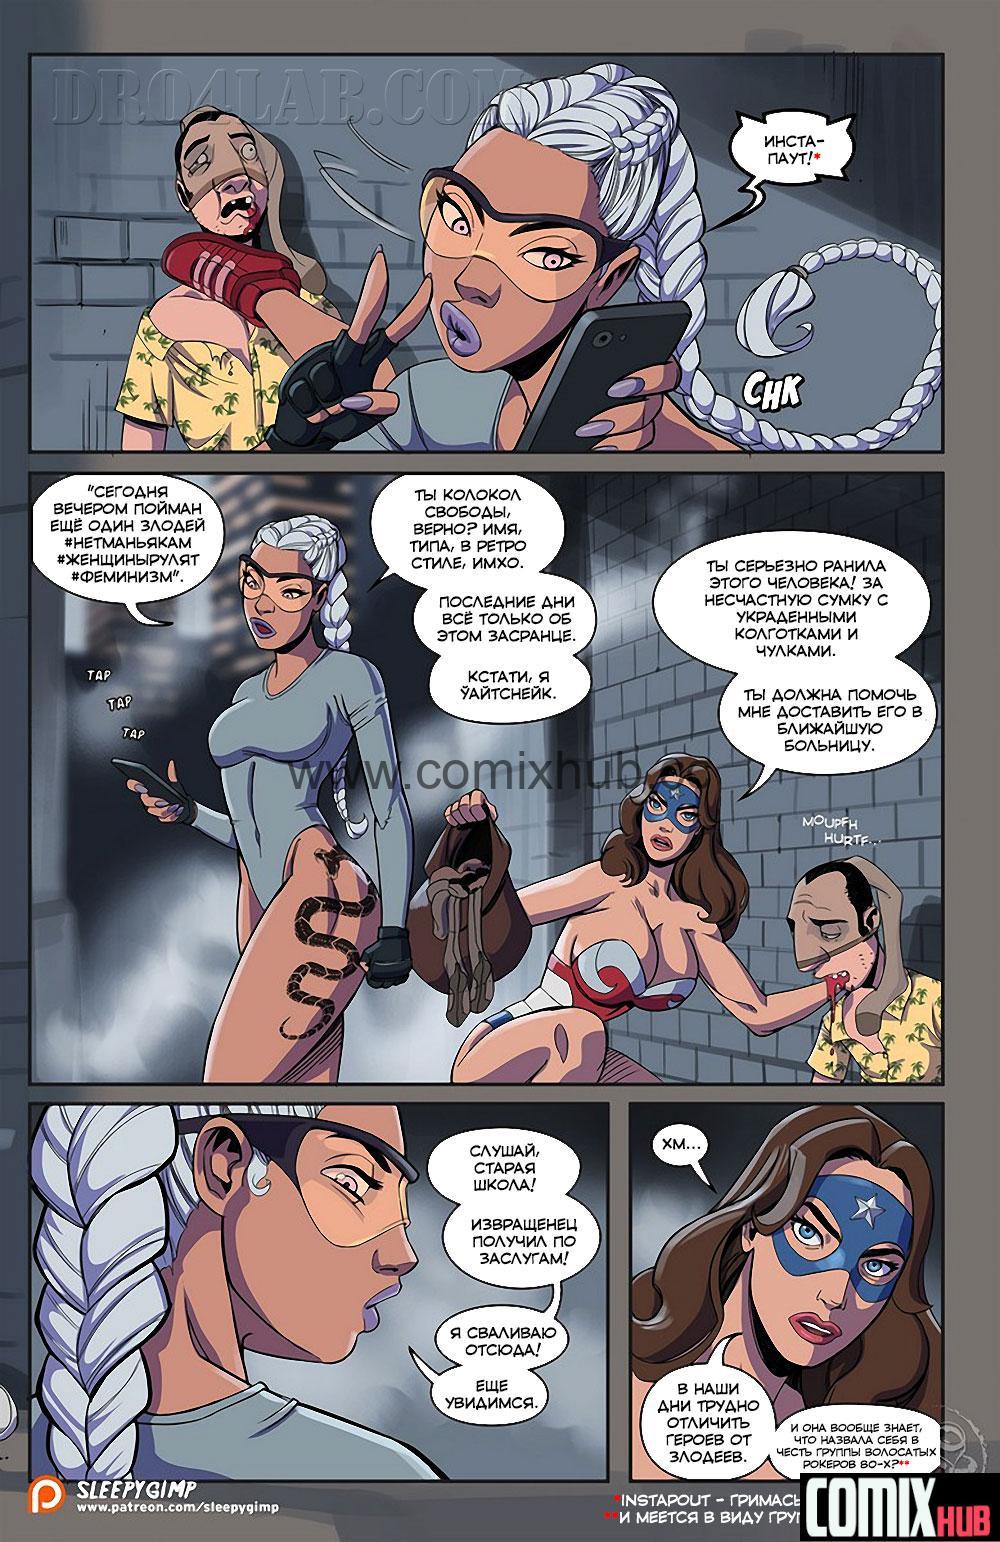 Порно комикс, Неудавшееся спасение Порно комиксы, Анал, Большая грудь, Большие члены, Групповой секс, Двойное проникновение, Лесбиянки, Минет, Супер-герои, Фемдом